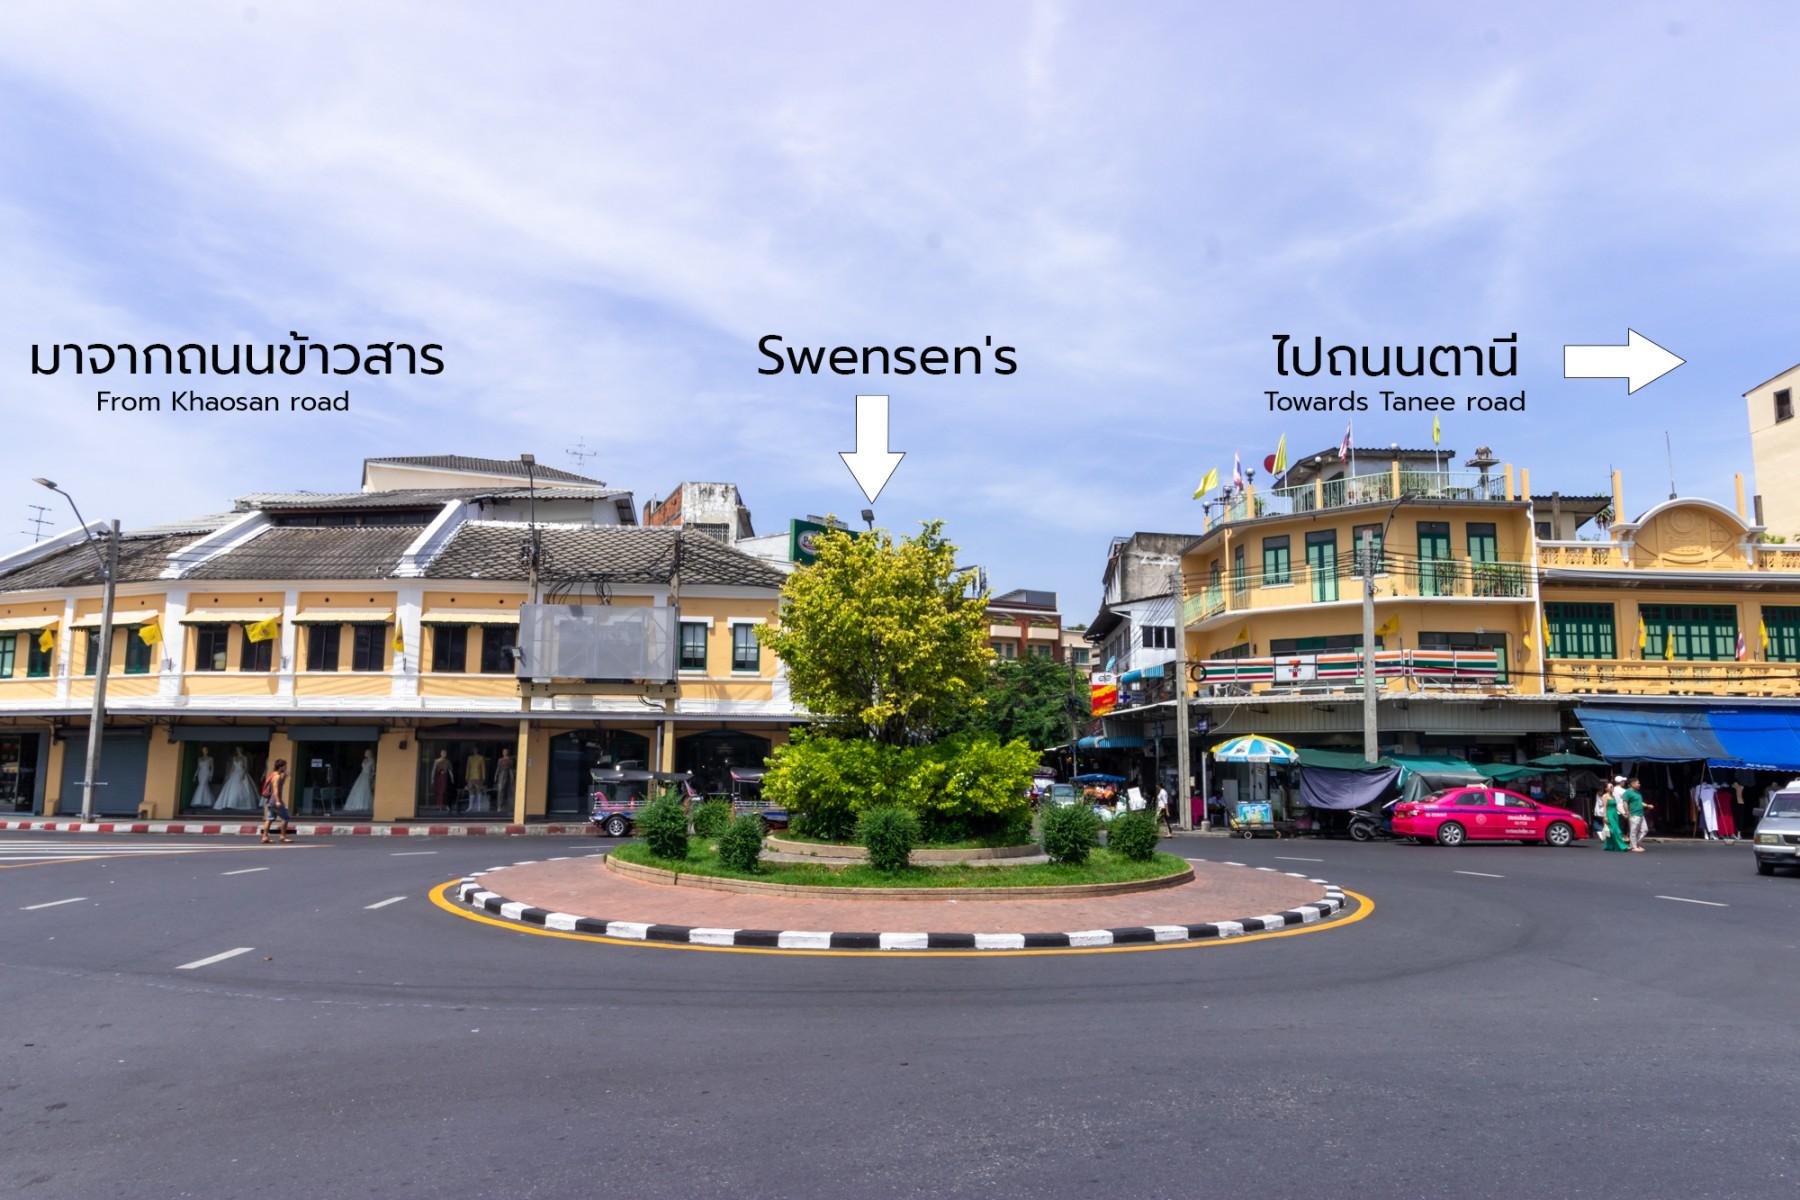 Car park in Khaosan road